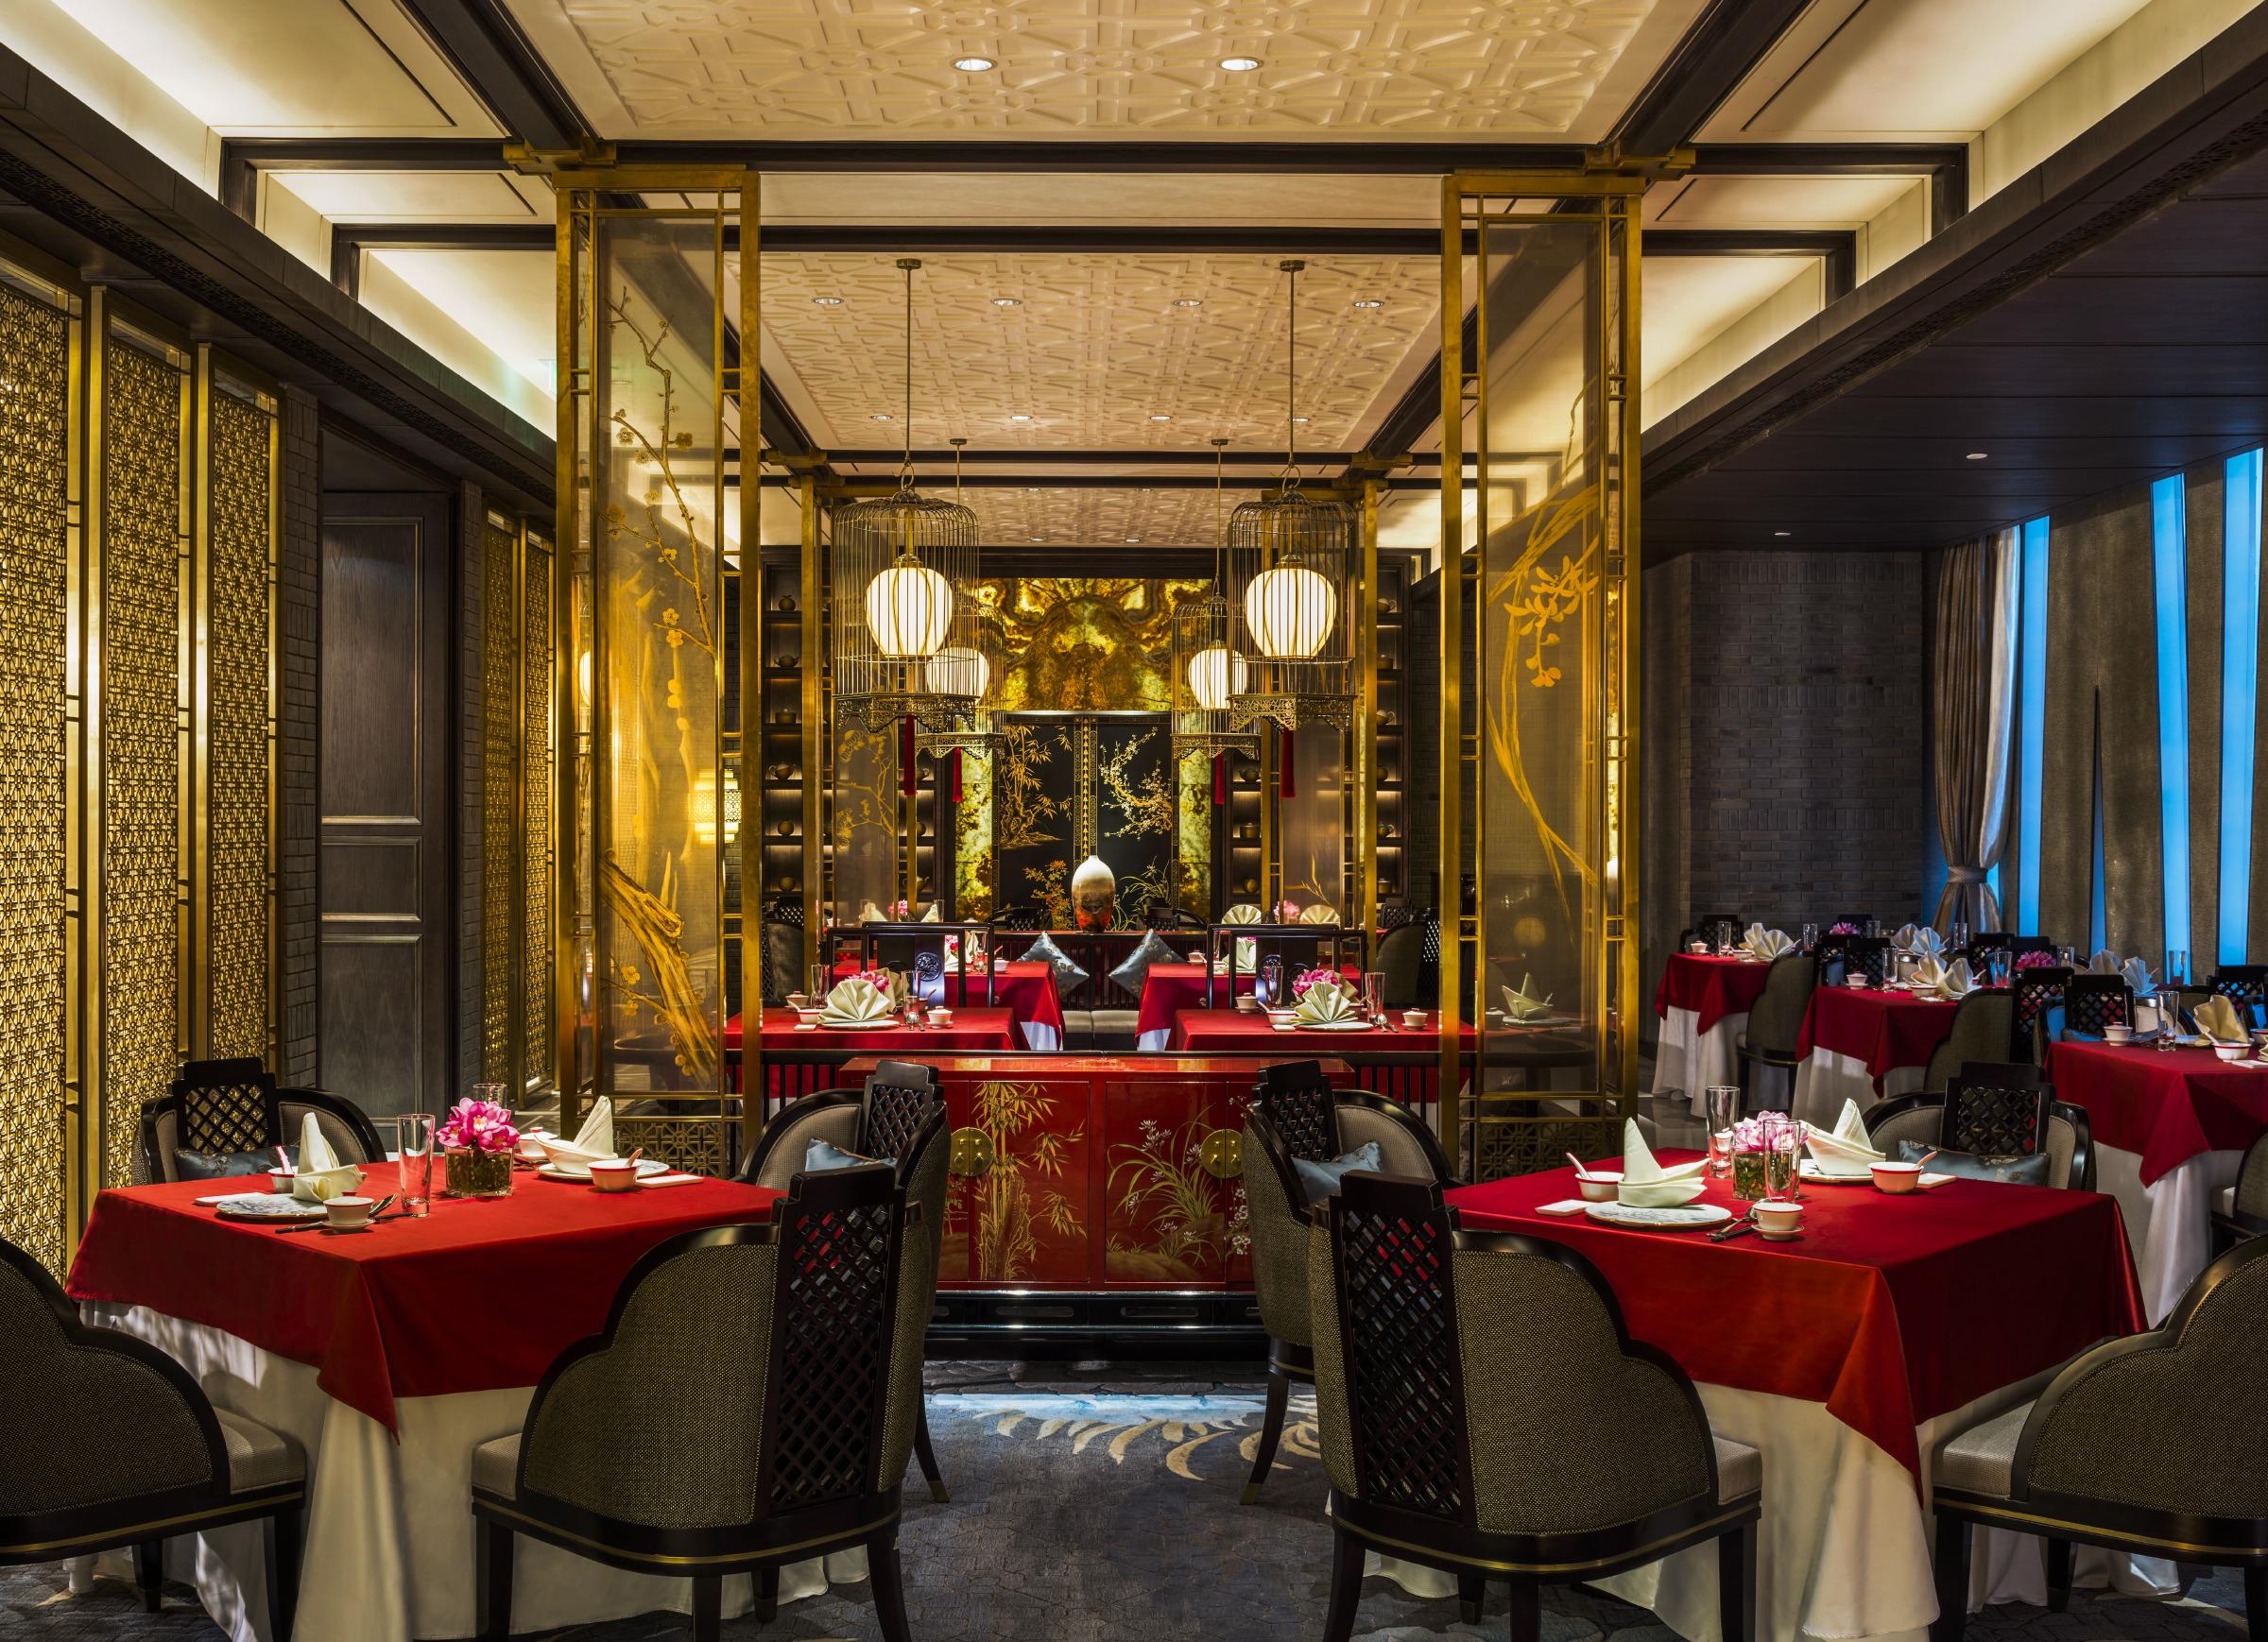 品珍中餐厅大厅Zhen Main Dining Hall.JPG